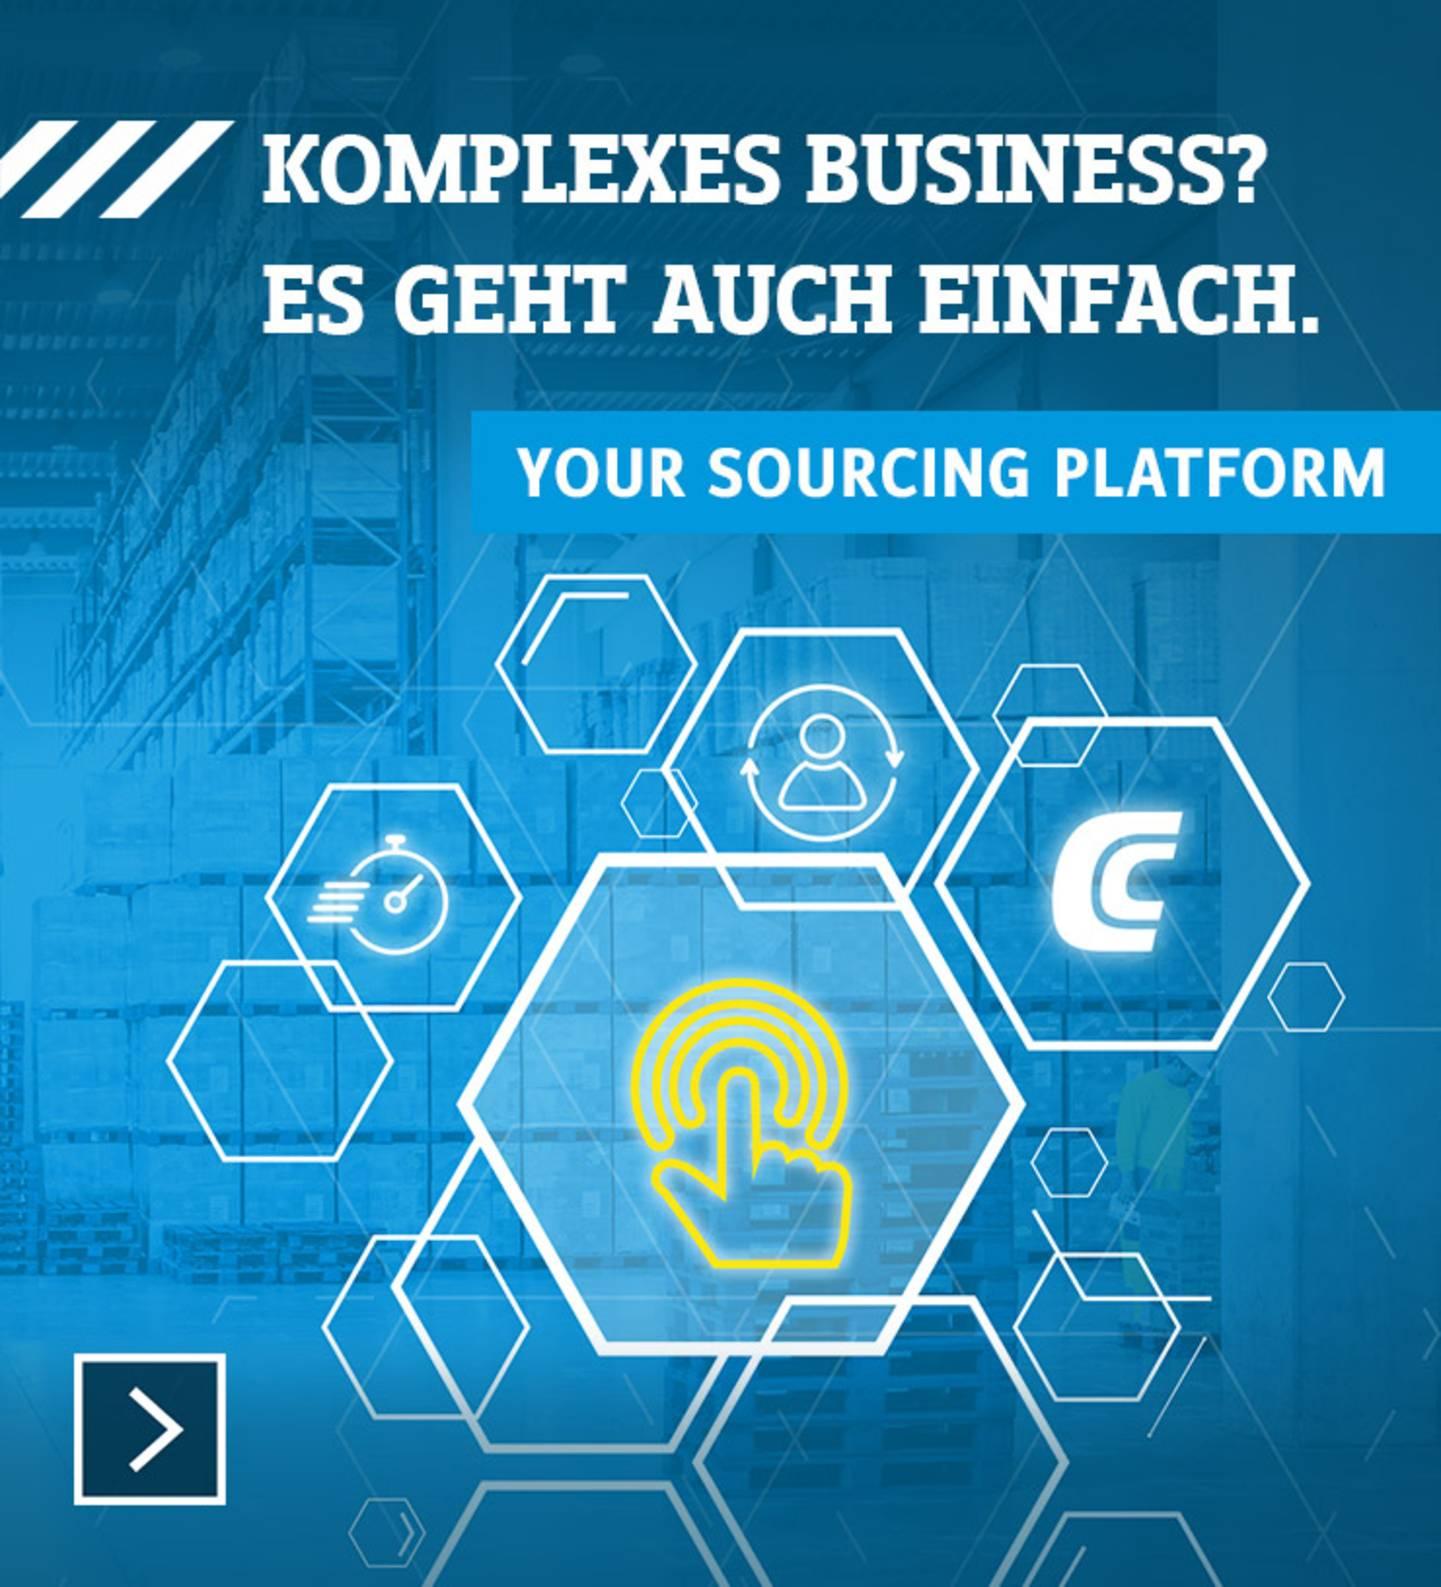 Komplexes Business? Es geht auch einfach. Your Sourcing Platform »